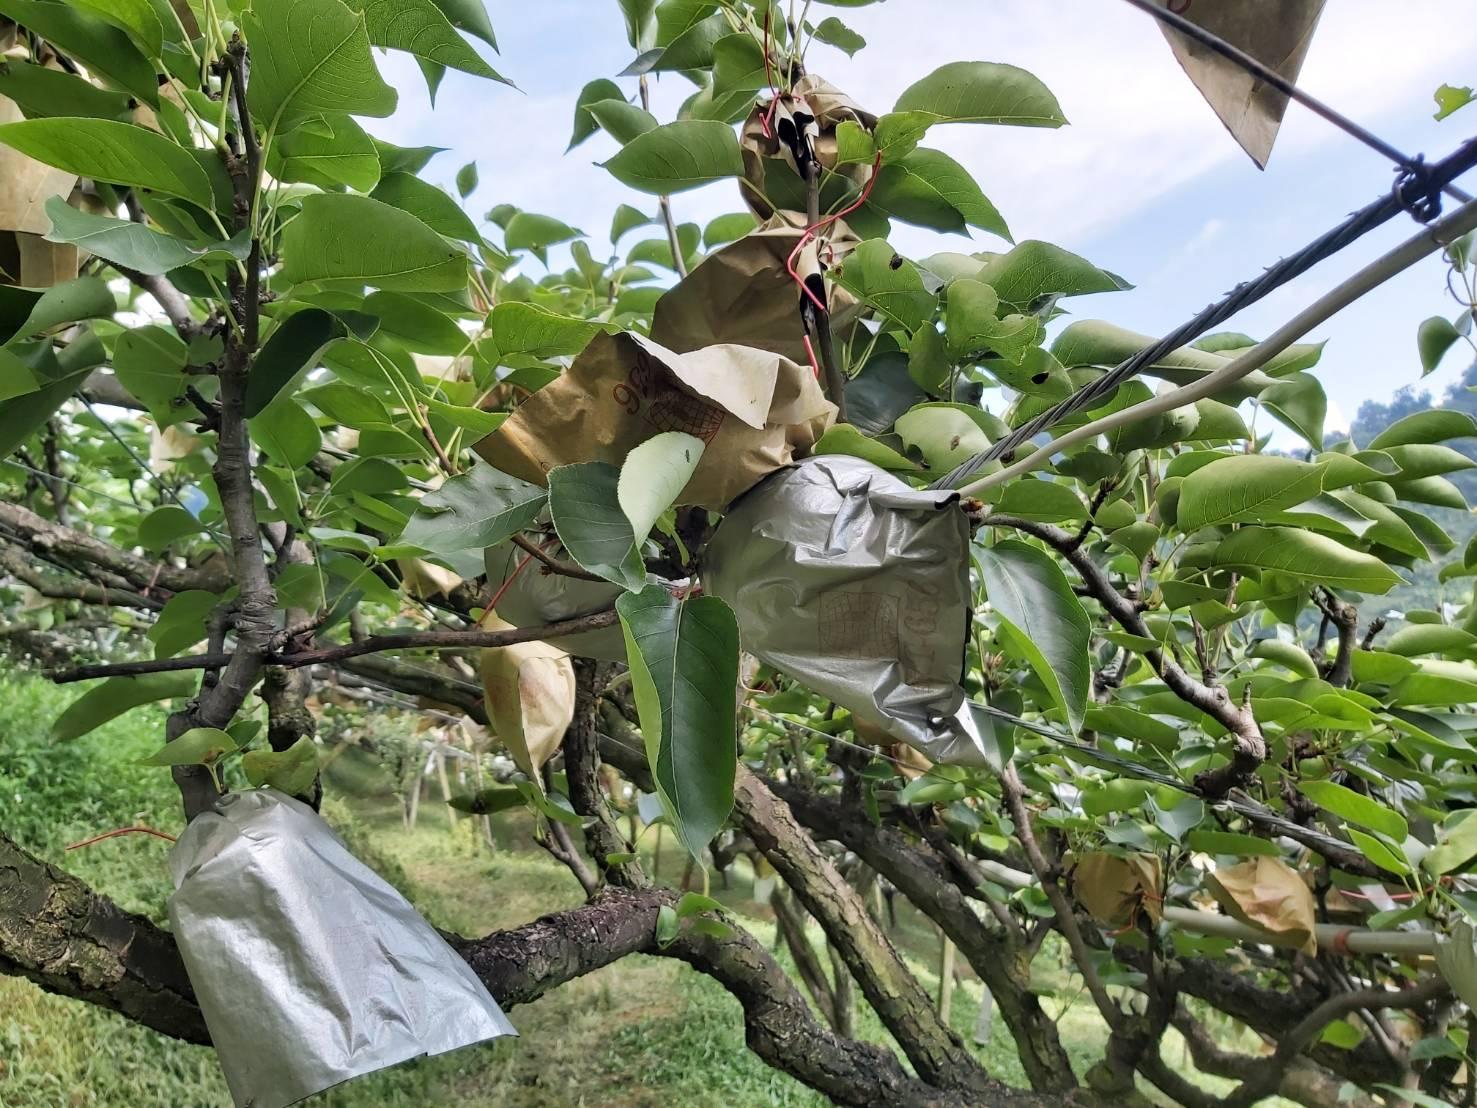 台灣梨子介紹 高接梨到底是什麼?梨子有哪些常見品種